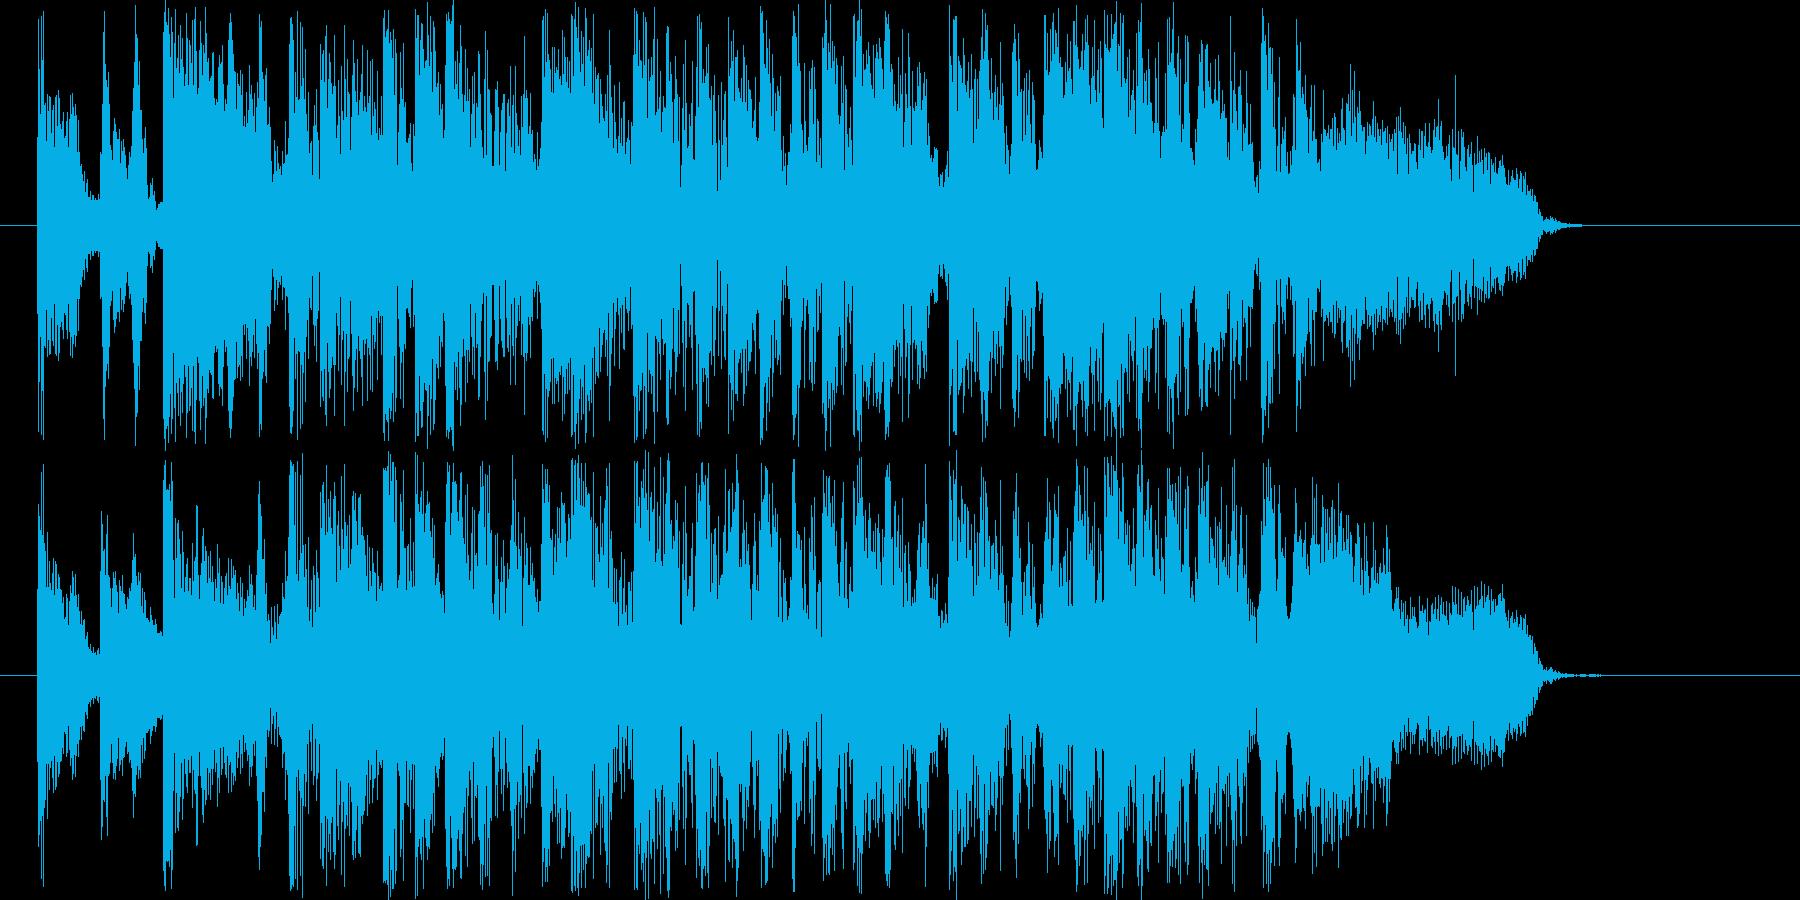 クール&グルーヴィなファンクサウンドロゴの再生済みの波形